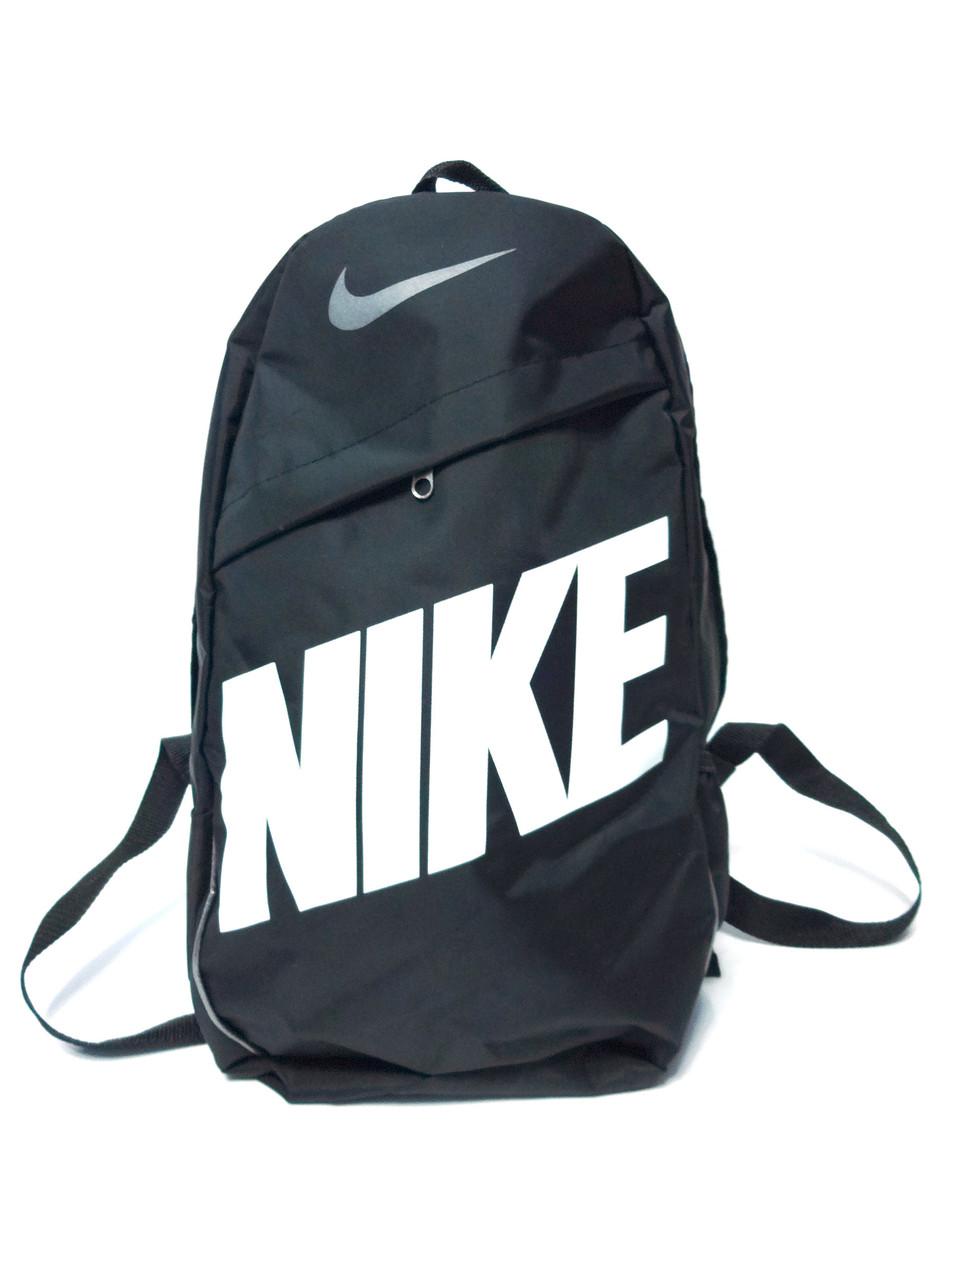 Спортивный рюкзак портфель  Nike (Найк) молодежный. Черный с белым принтом  реплика